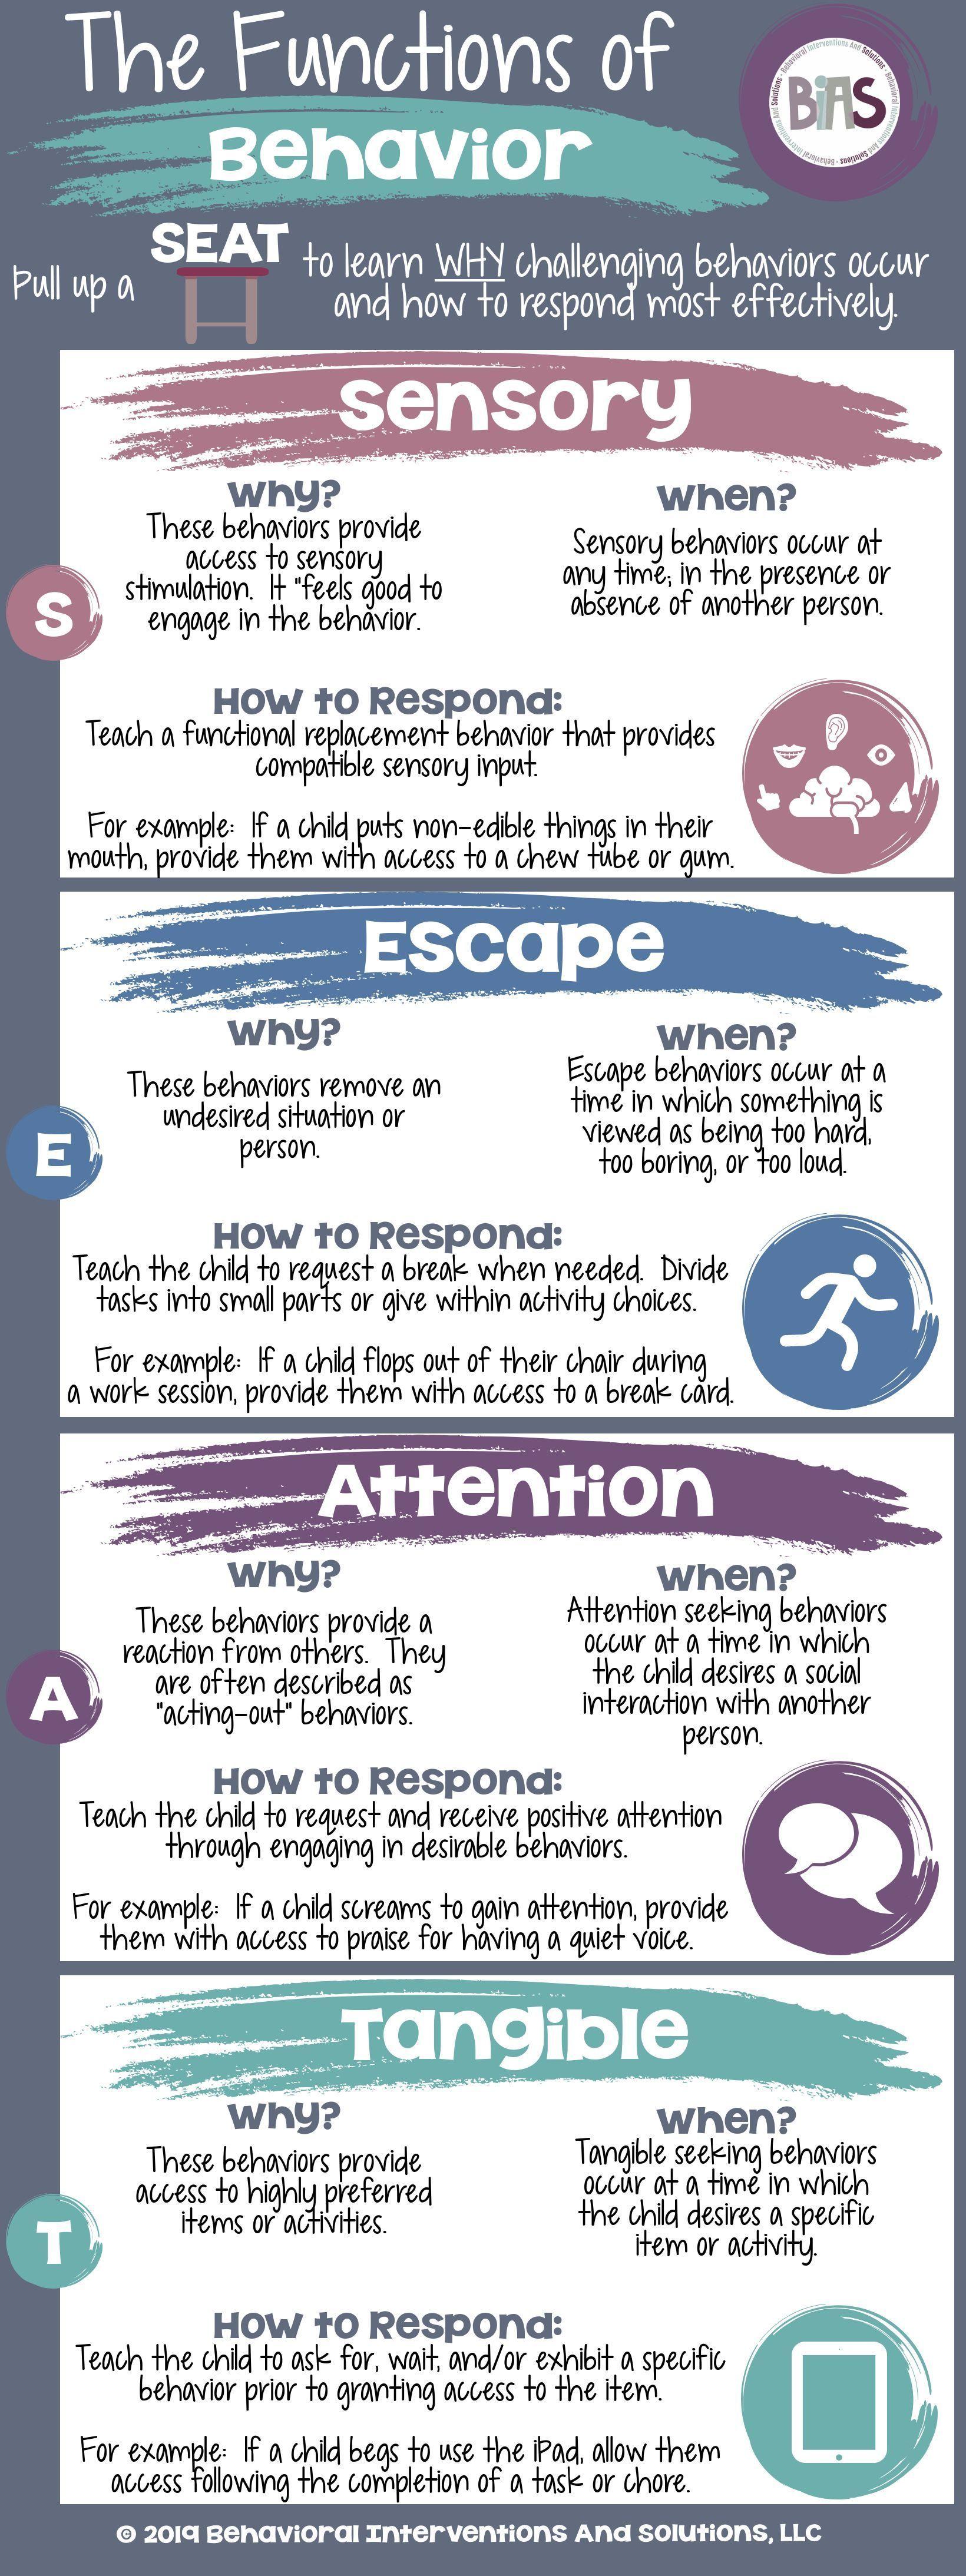 Functions Of Behavior Bias Behavioral Interventions Education Emma Blog En 2020 Trabajo Social De La Escuela Aprendizaje Emocional Y Social Habilidades De Afrontamiento